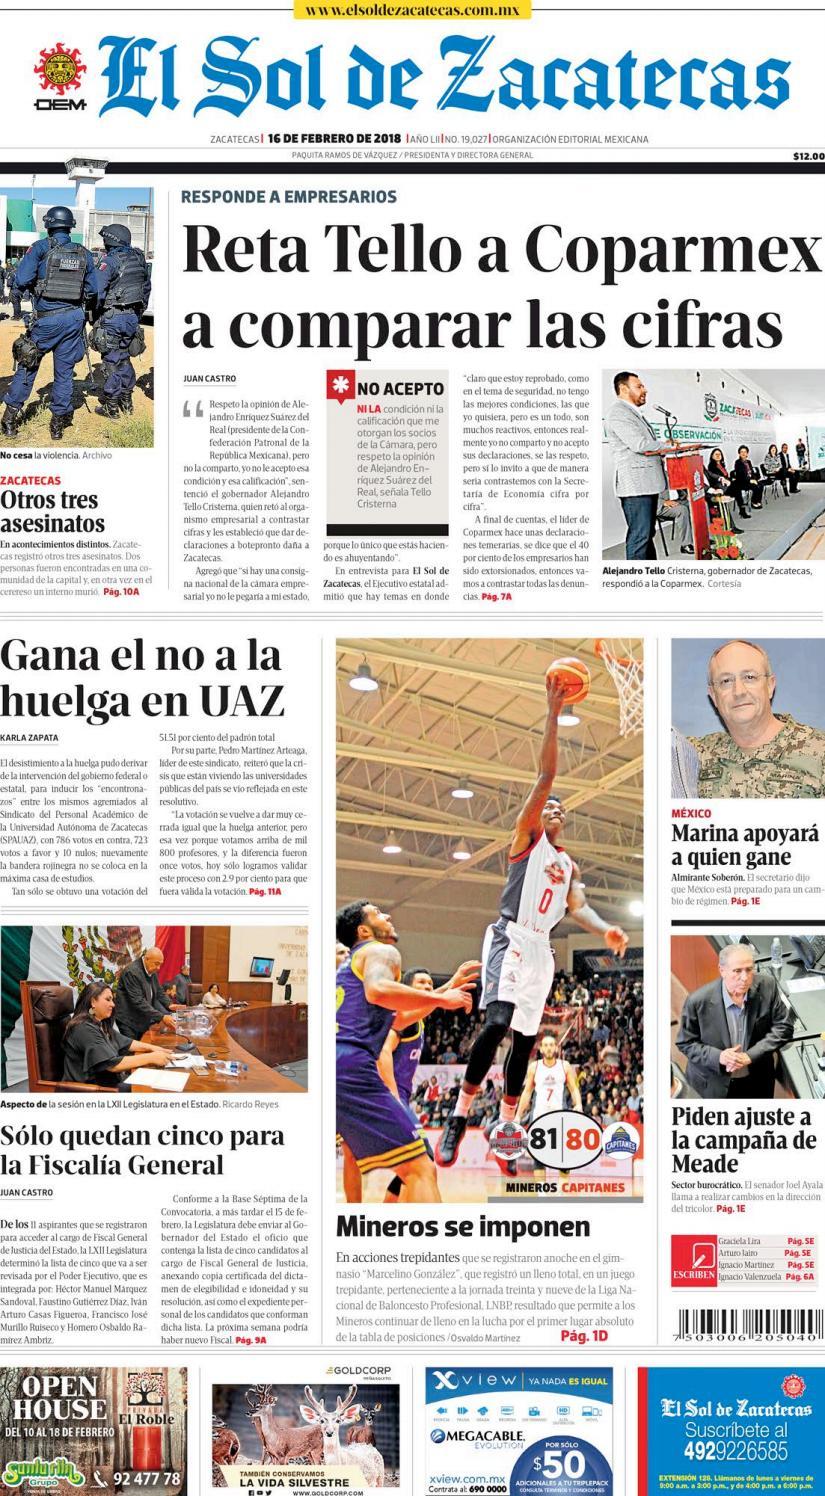 065c27290682b El Sol de Zacatecas 16 de febrero 2018 by El Sol de Zacatecas - issuu